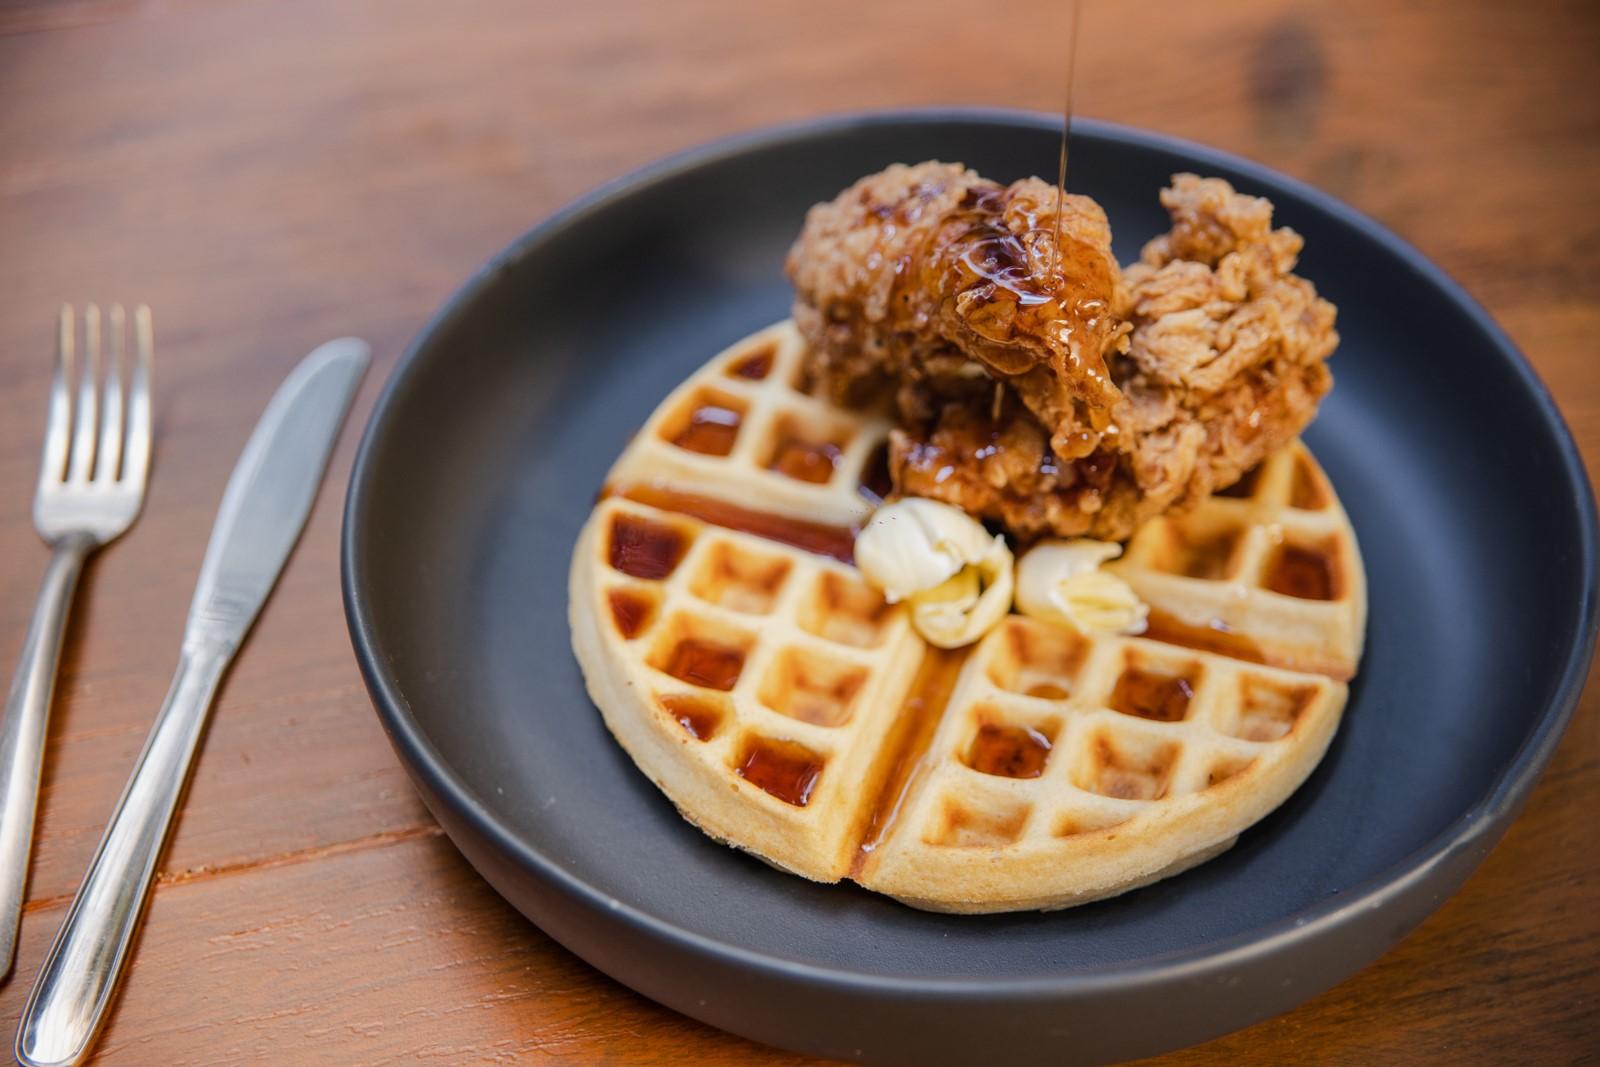 5 restaurantes en la CDMX para desayunar chicken & waffles (crujientes y con mucha miel)